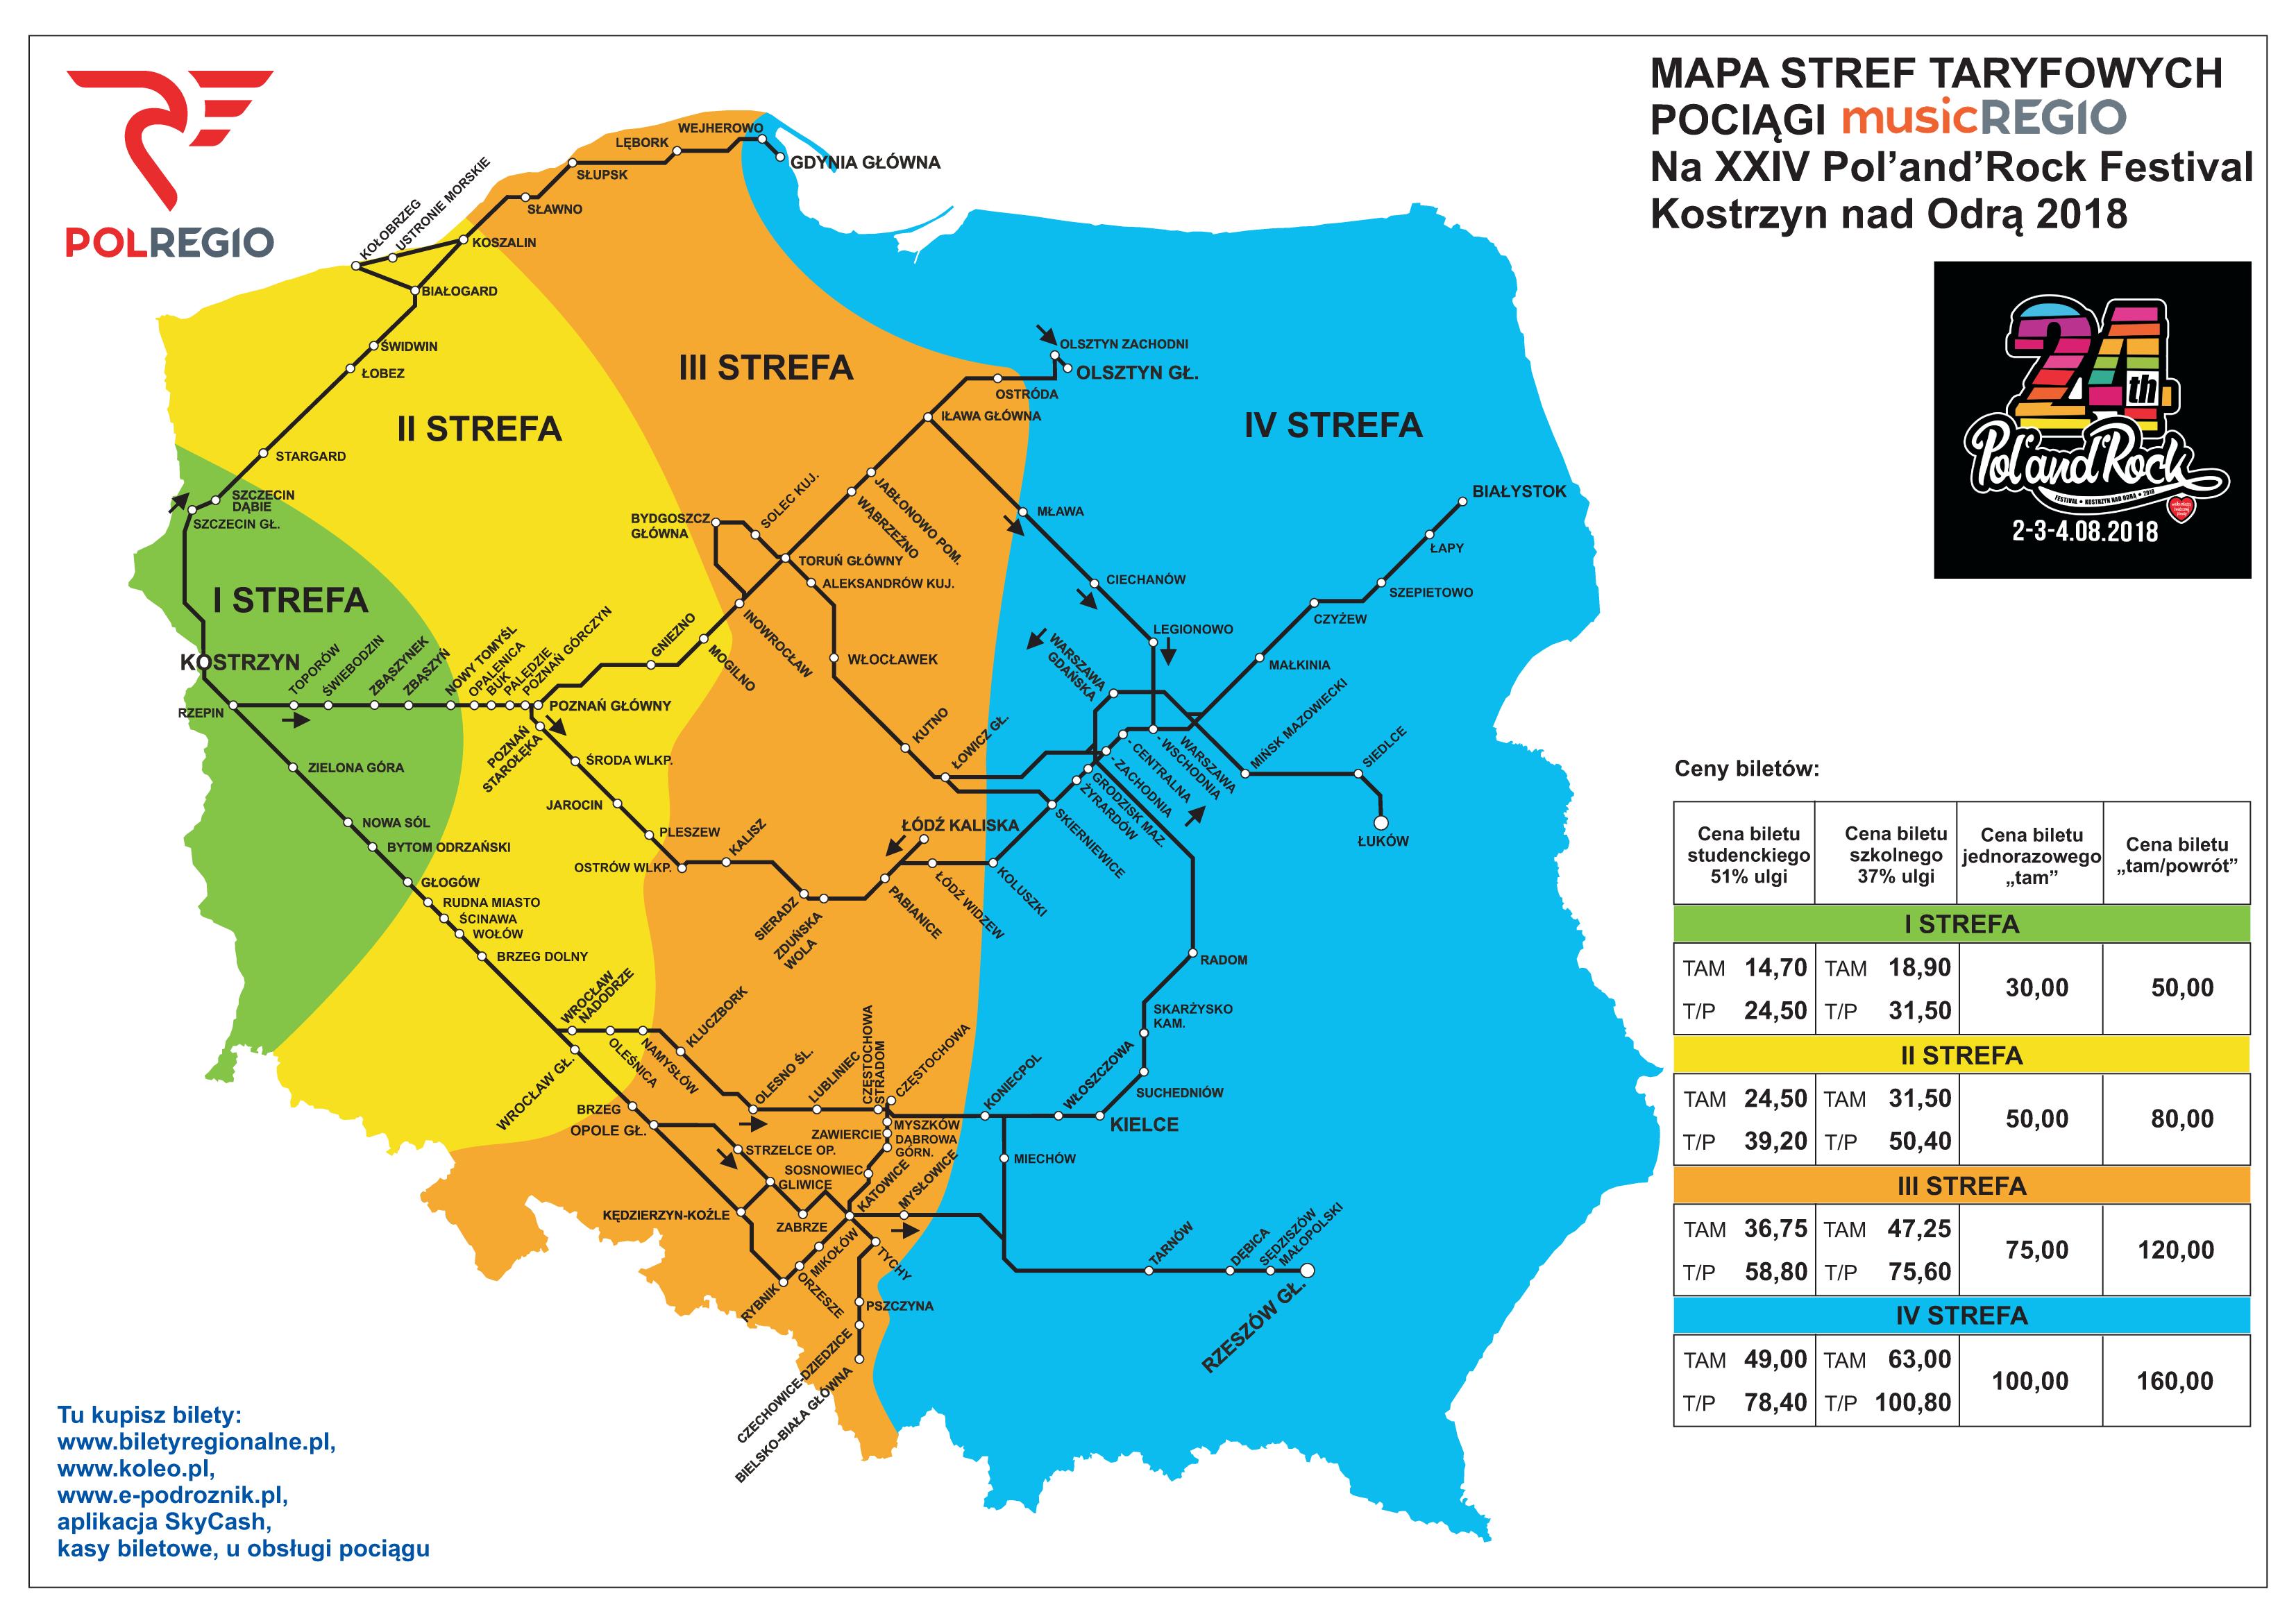 [Obrazek: mapa-stref-taryfowych-polandrock-festival-2018-1.png]